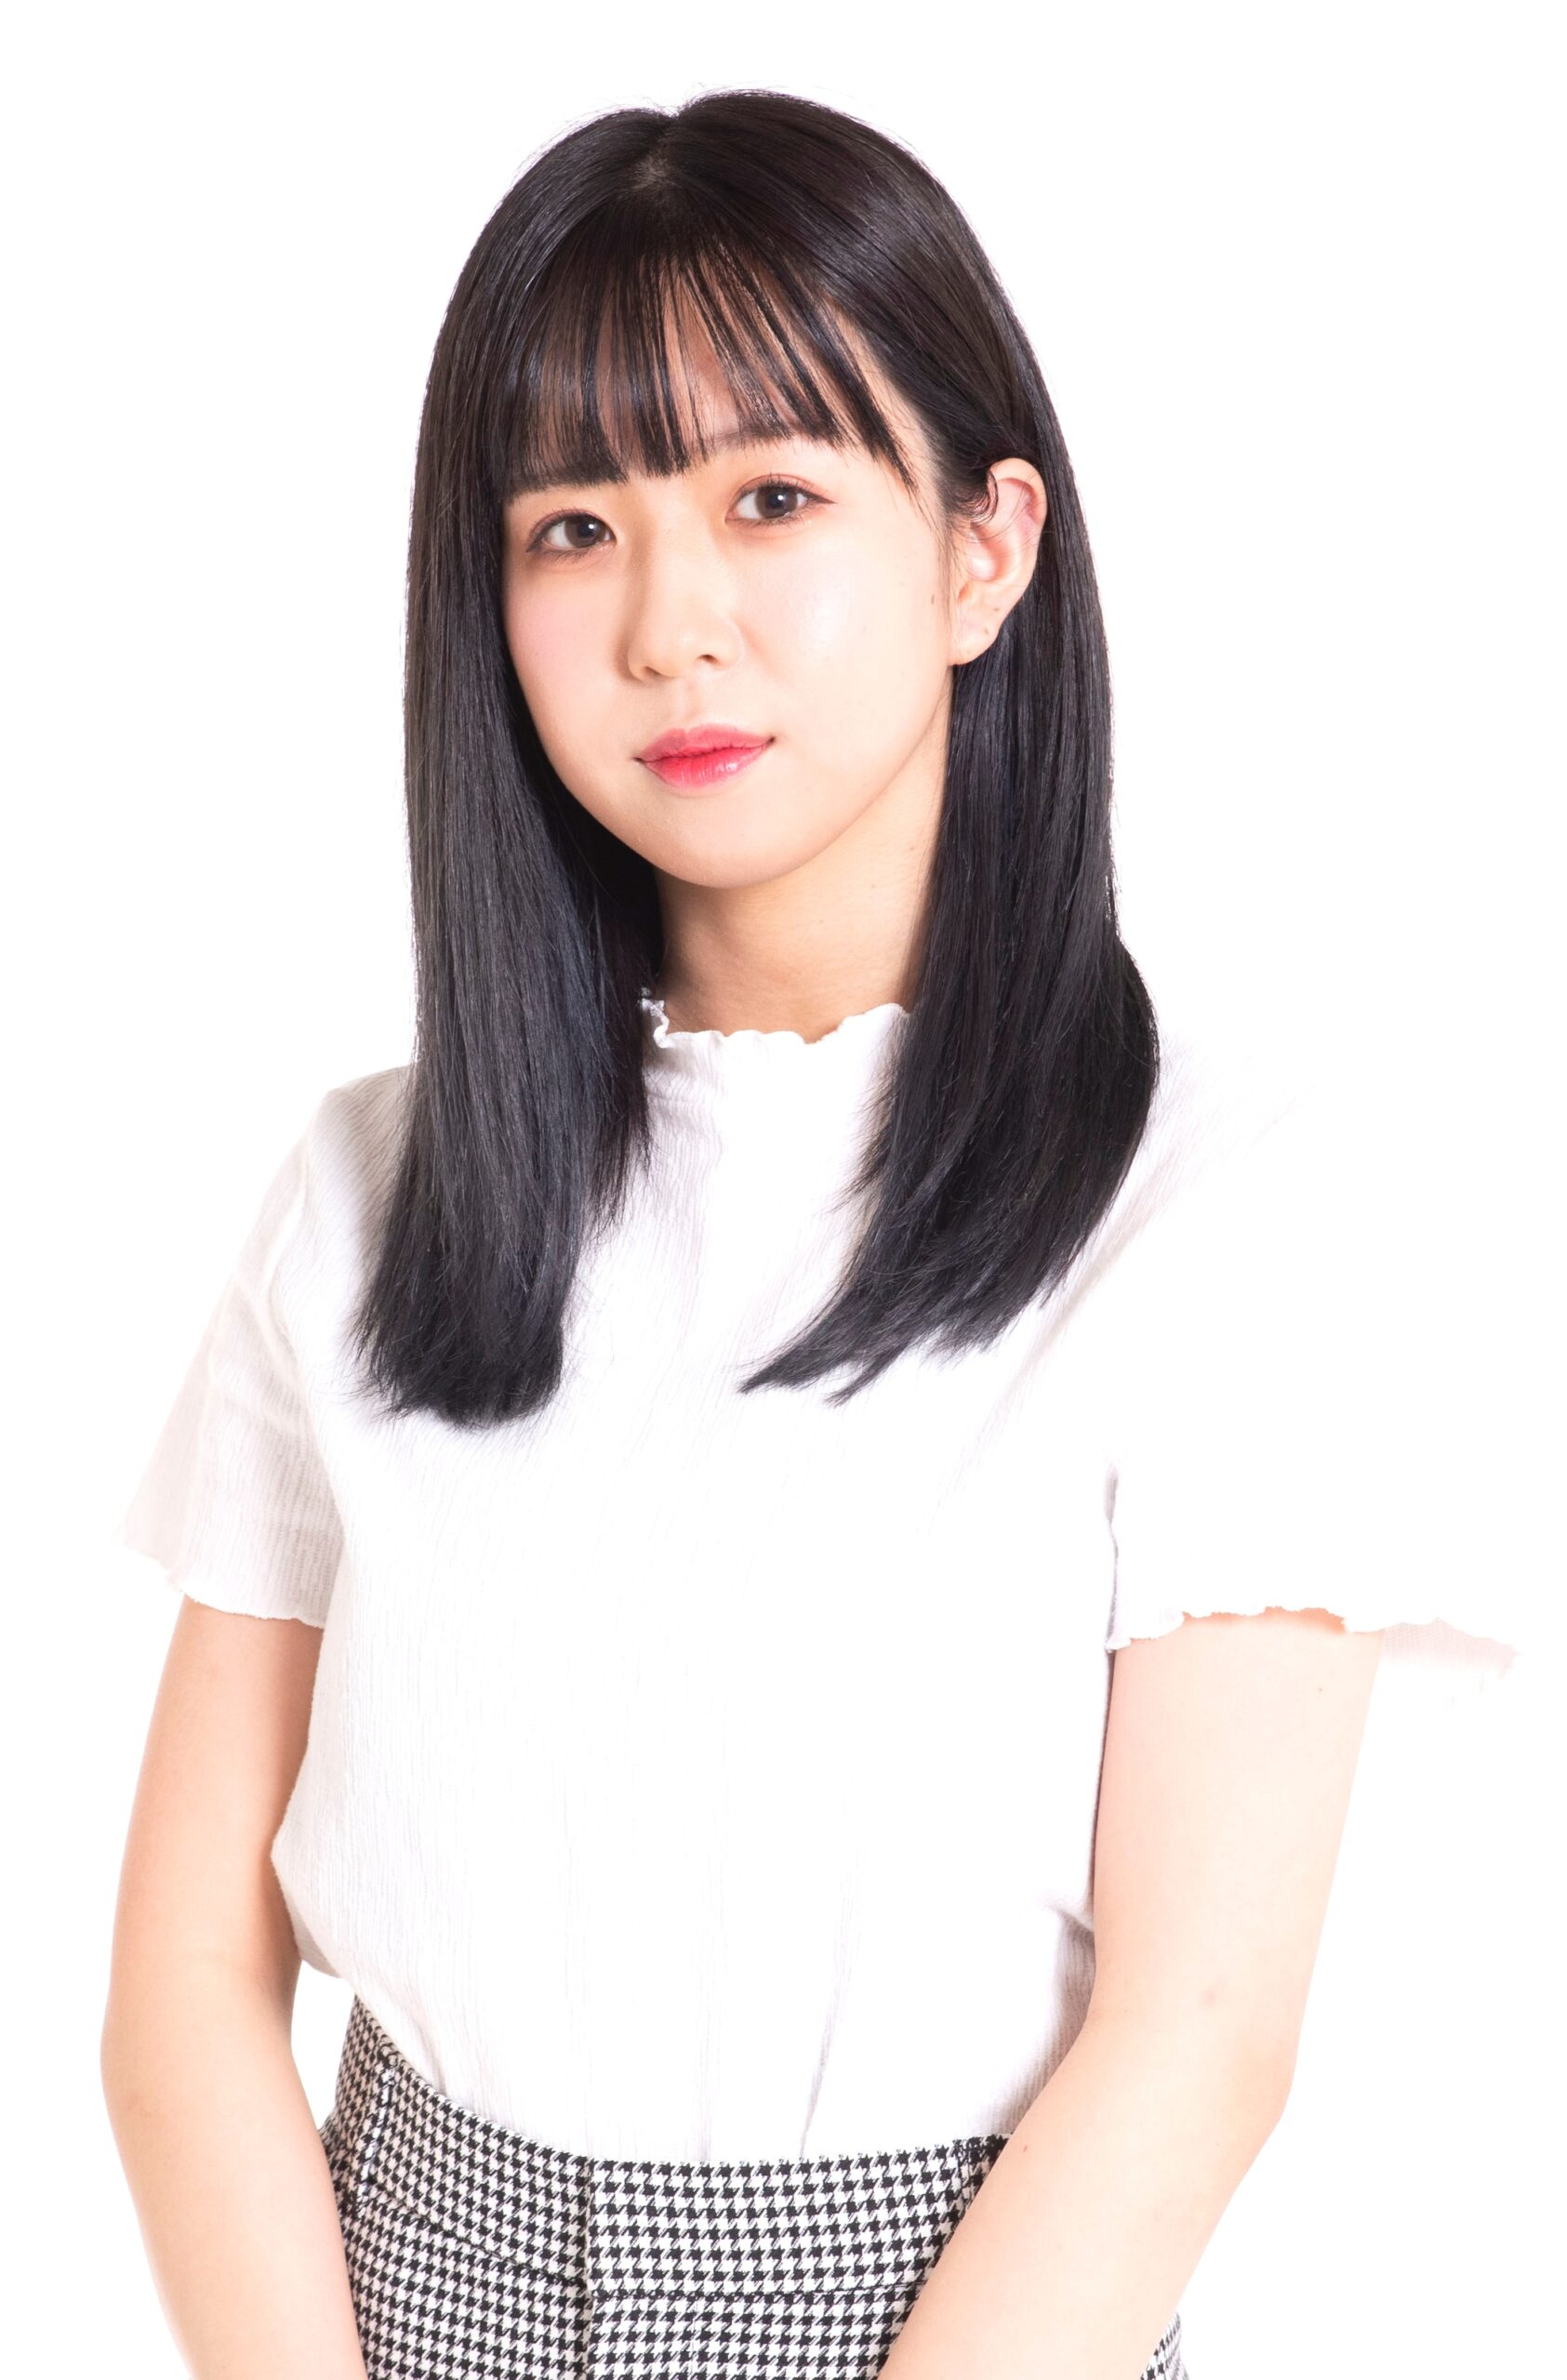 佐々木 美桜(ささき みお)